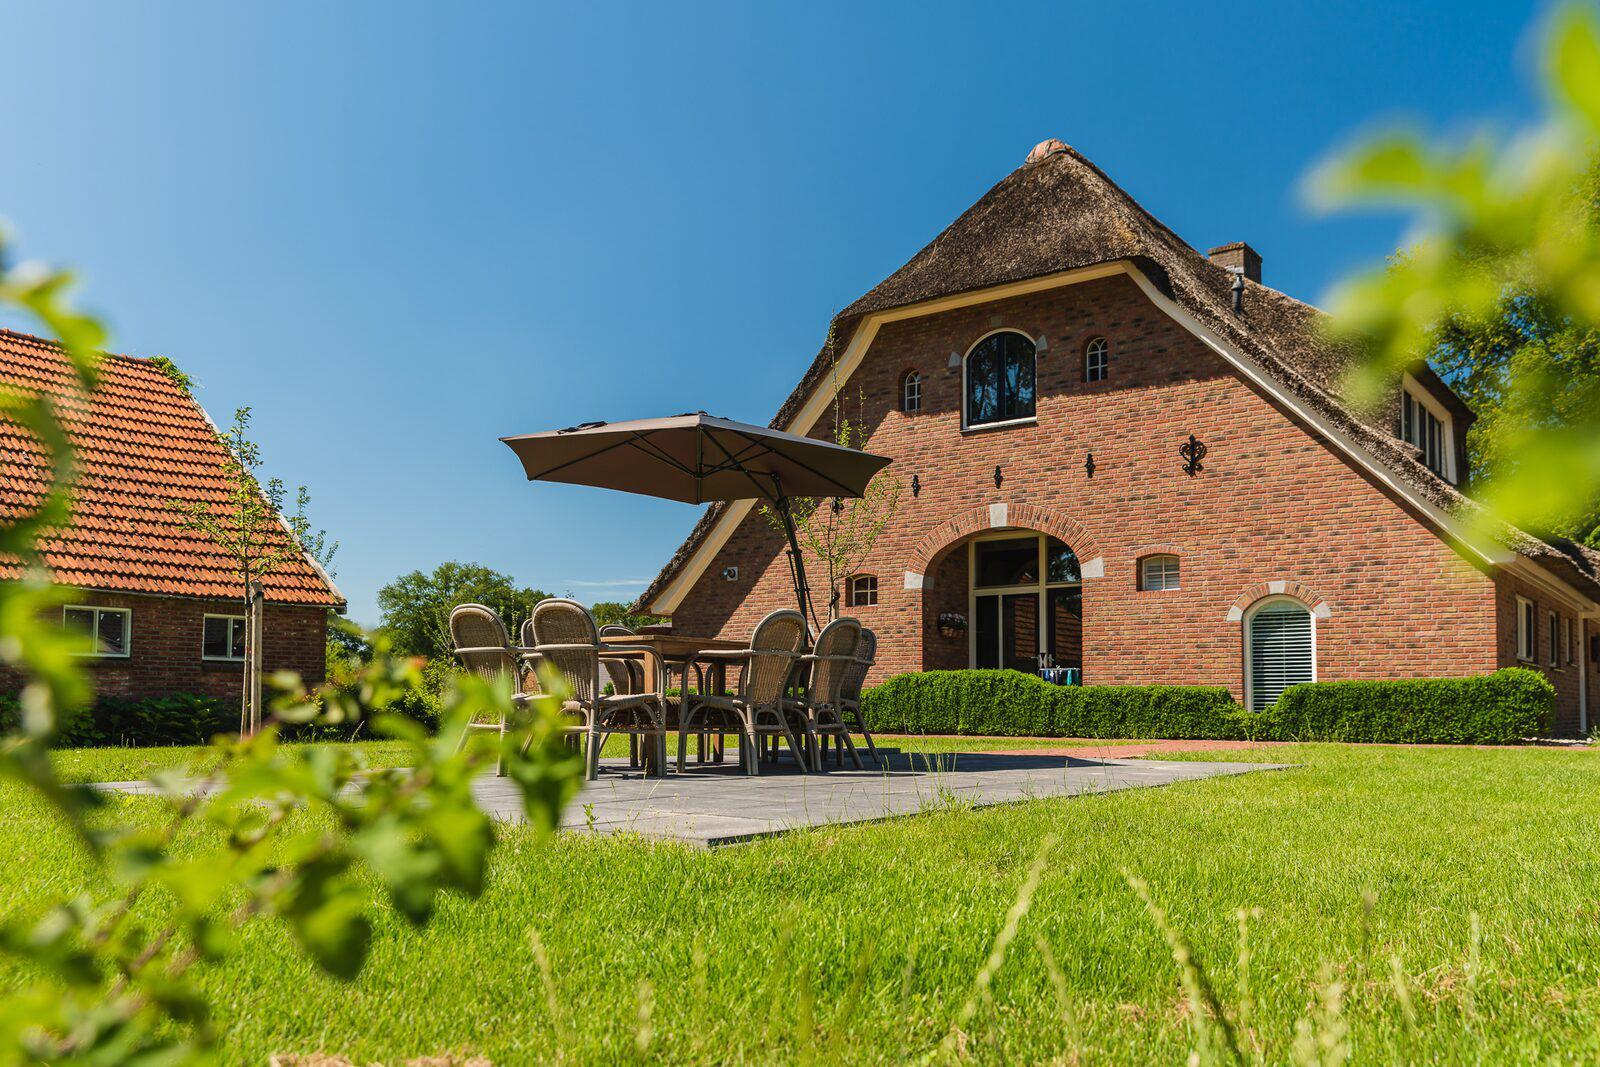 Vakantiepark Mölke vakantieboerderij 8 personen Zuna Overijssel